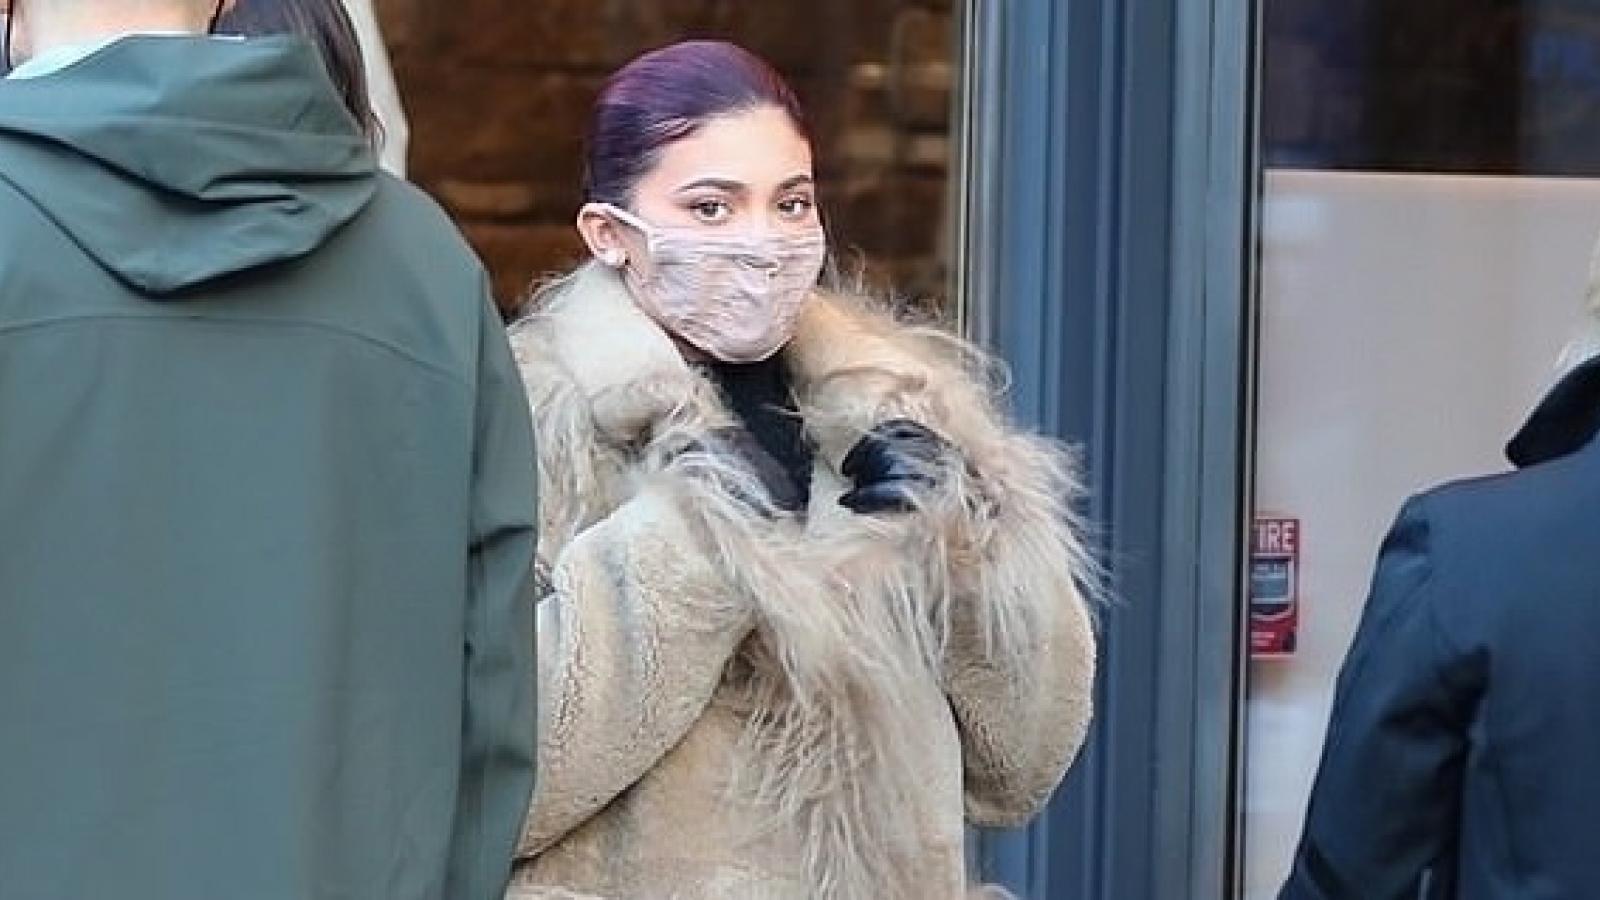 Kylie Jenner xinh đẹp đi mua sắm cùng bạn trai sau ồn ào đã tái hợp